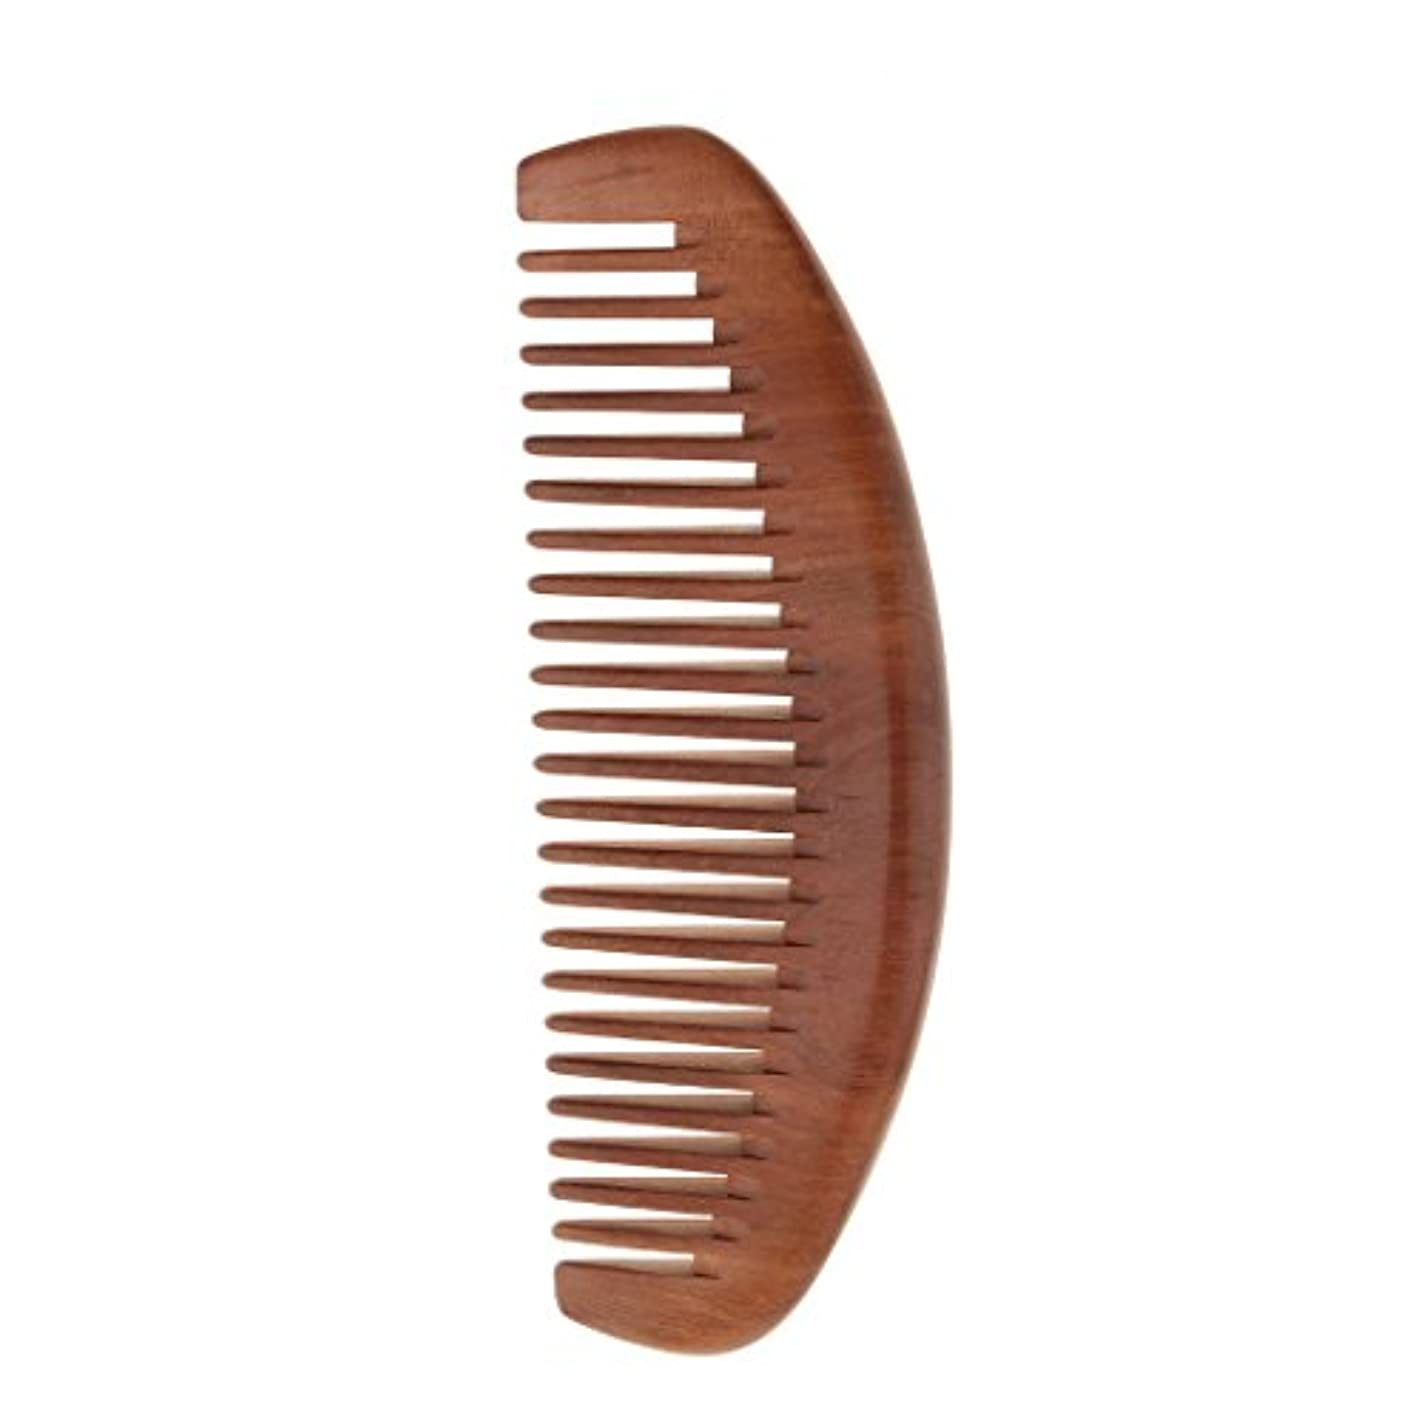 セイはさておきよろしく腐敗したDYNWAVE 櫛 セットコーム 木製 ヘアコーム ヘアケア 頭皮マッサージ 静電気防止 桃の木 全2種類 - ワイド歯